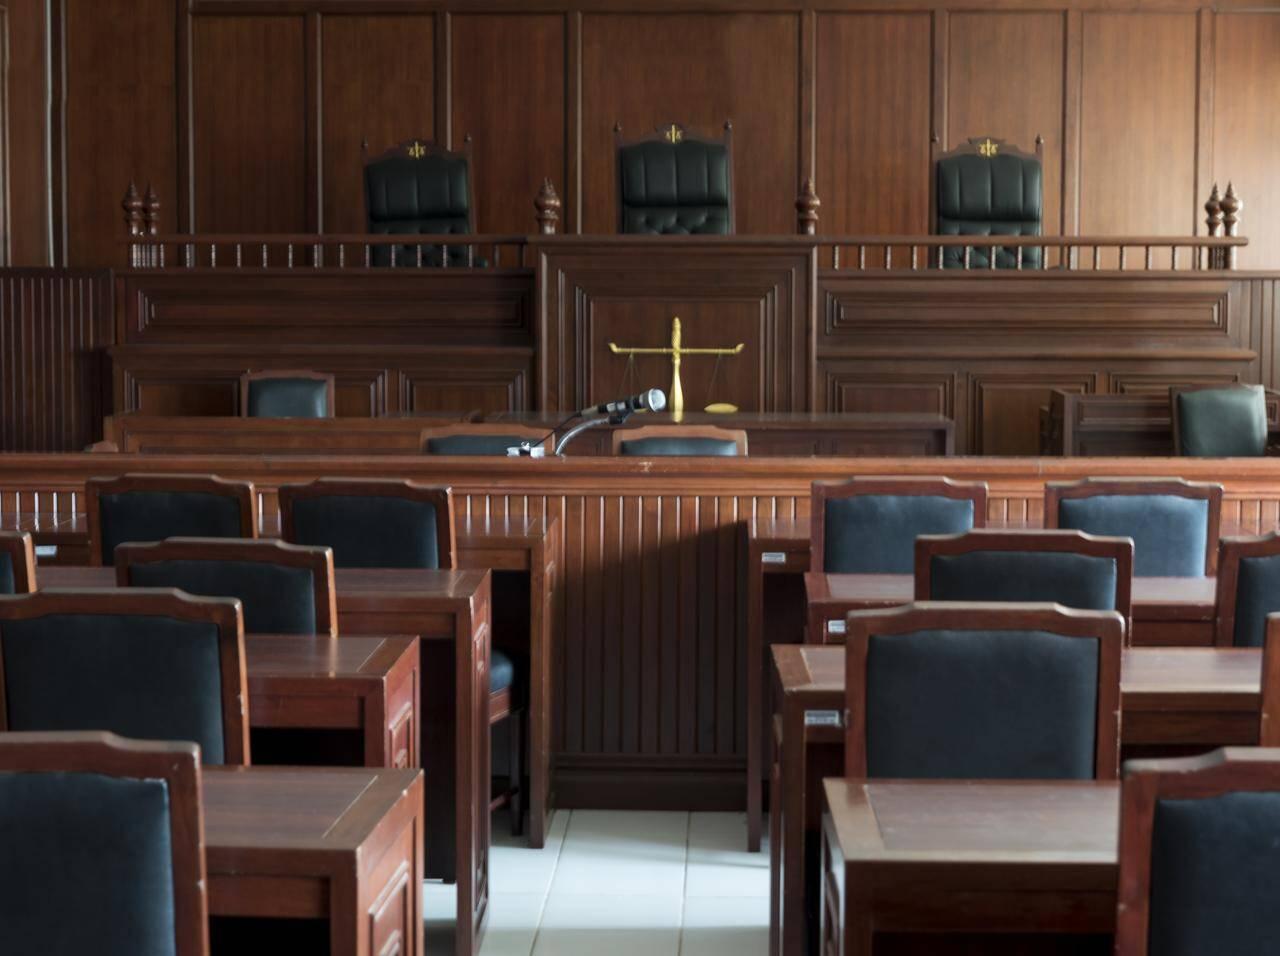 児童の盗撮を続けた男に終身刑、裁判官が犯人に激怒「法が許せばあなた ...